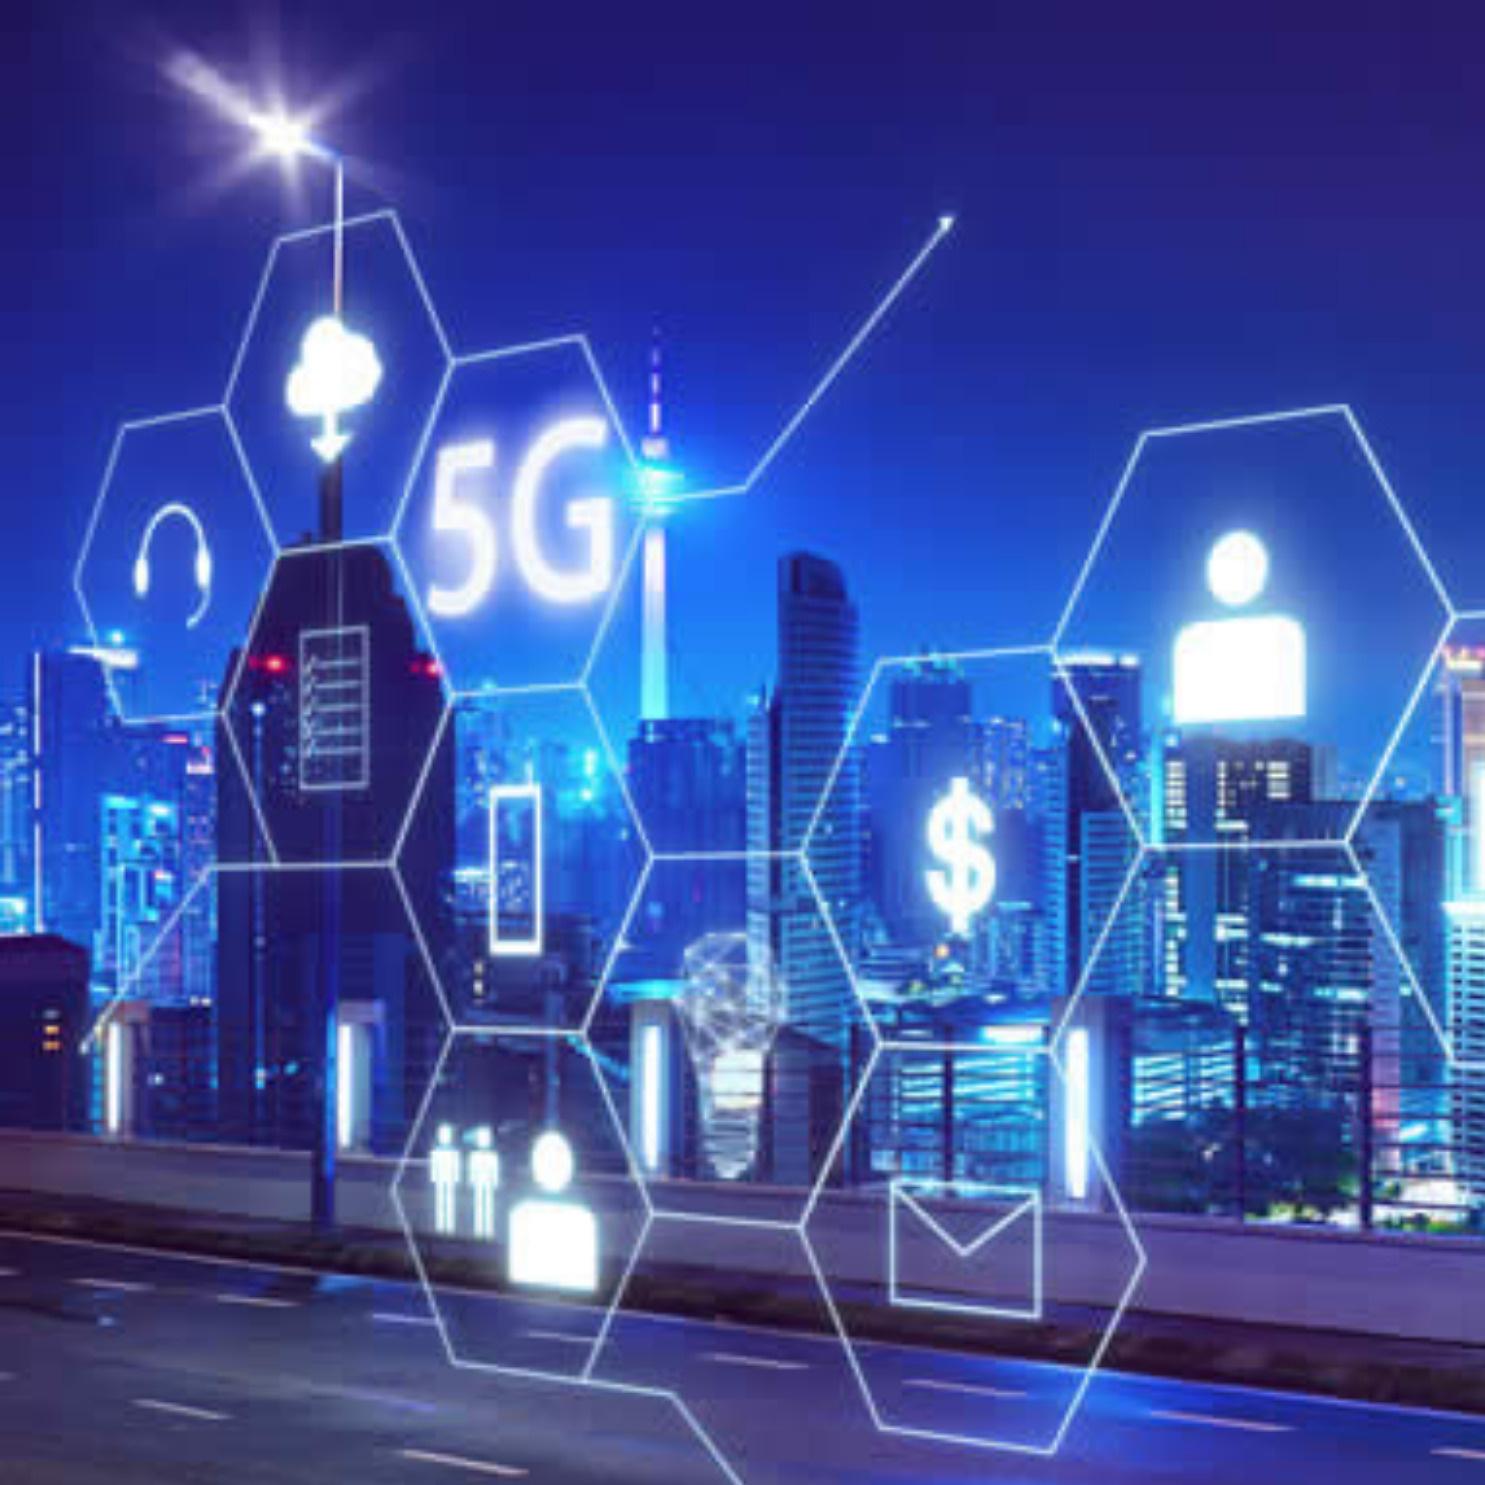 AI, 5G, and the Race for Tech Supremacy - Elsa Kania